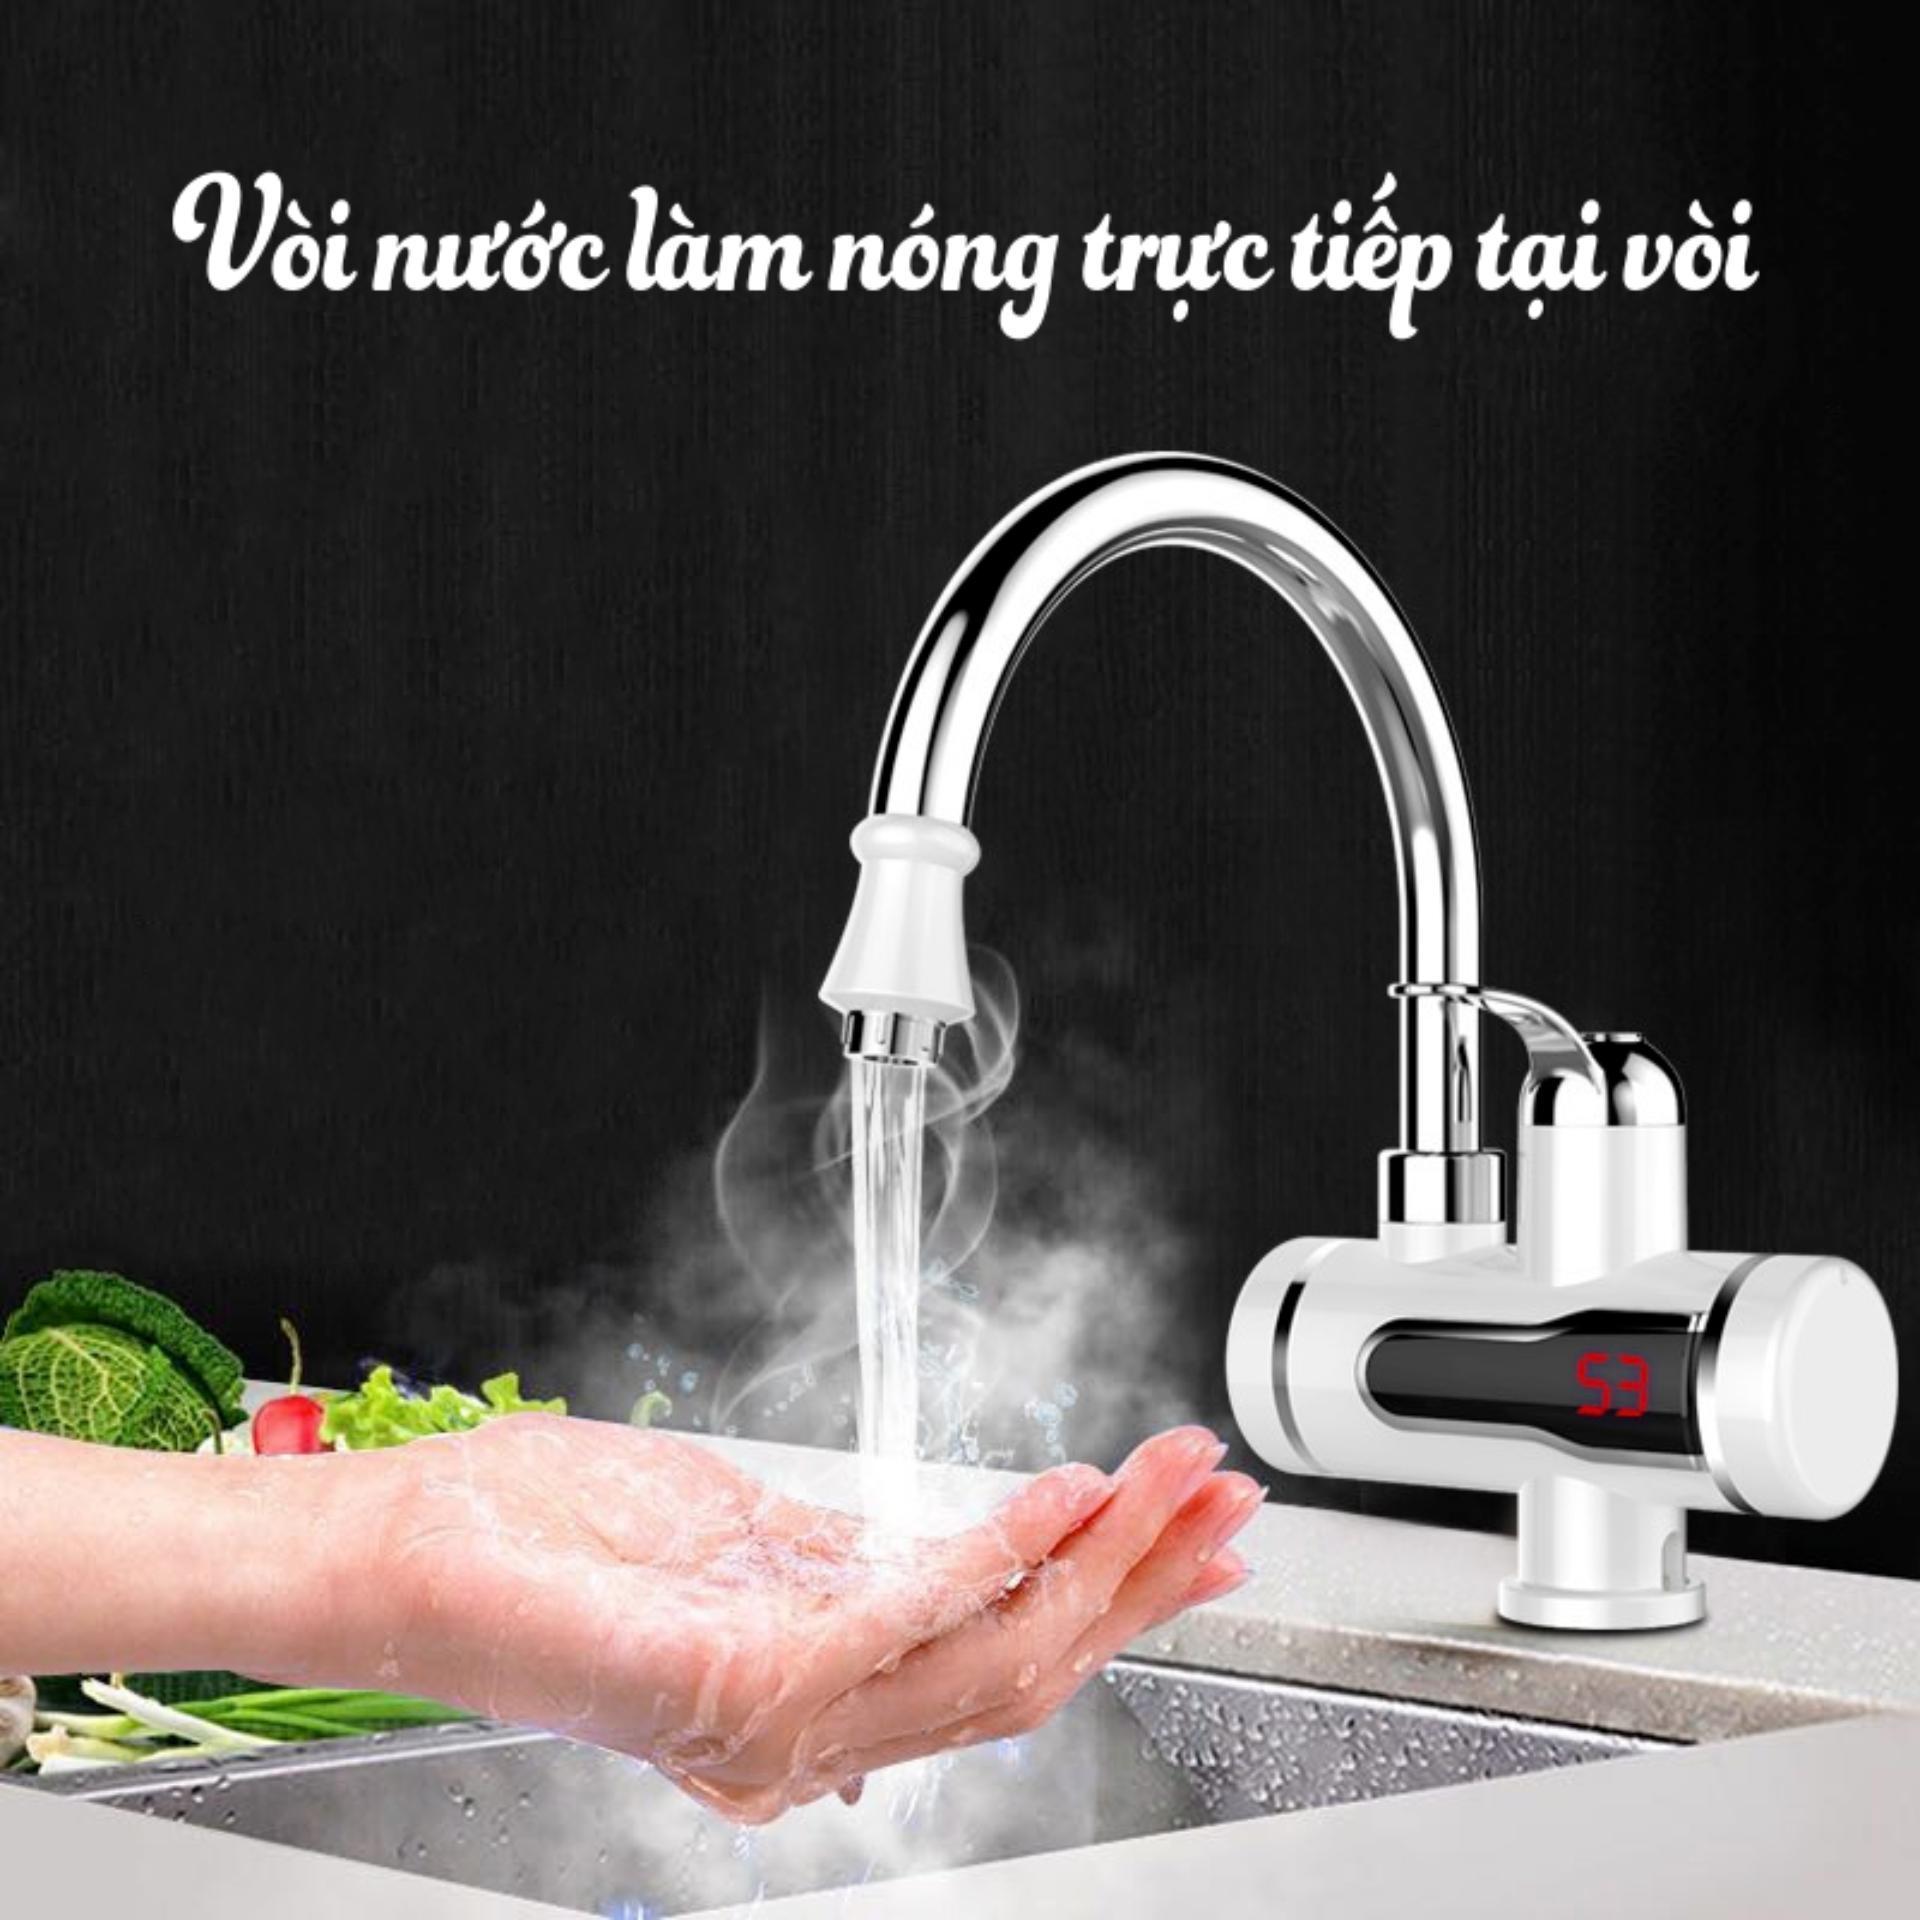 Bình nóng lạnh_Máy nước nóng trực tiếp tại vòi, tiện dụng, hàng cao cấp bảo hành uy tín 1 đổi 1 bởi Your Home